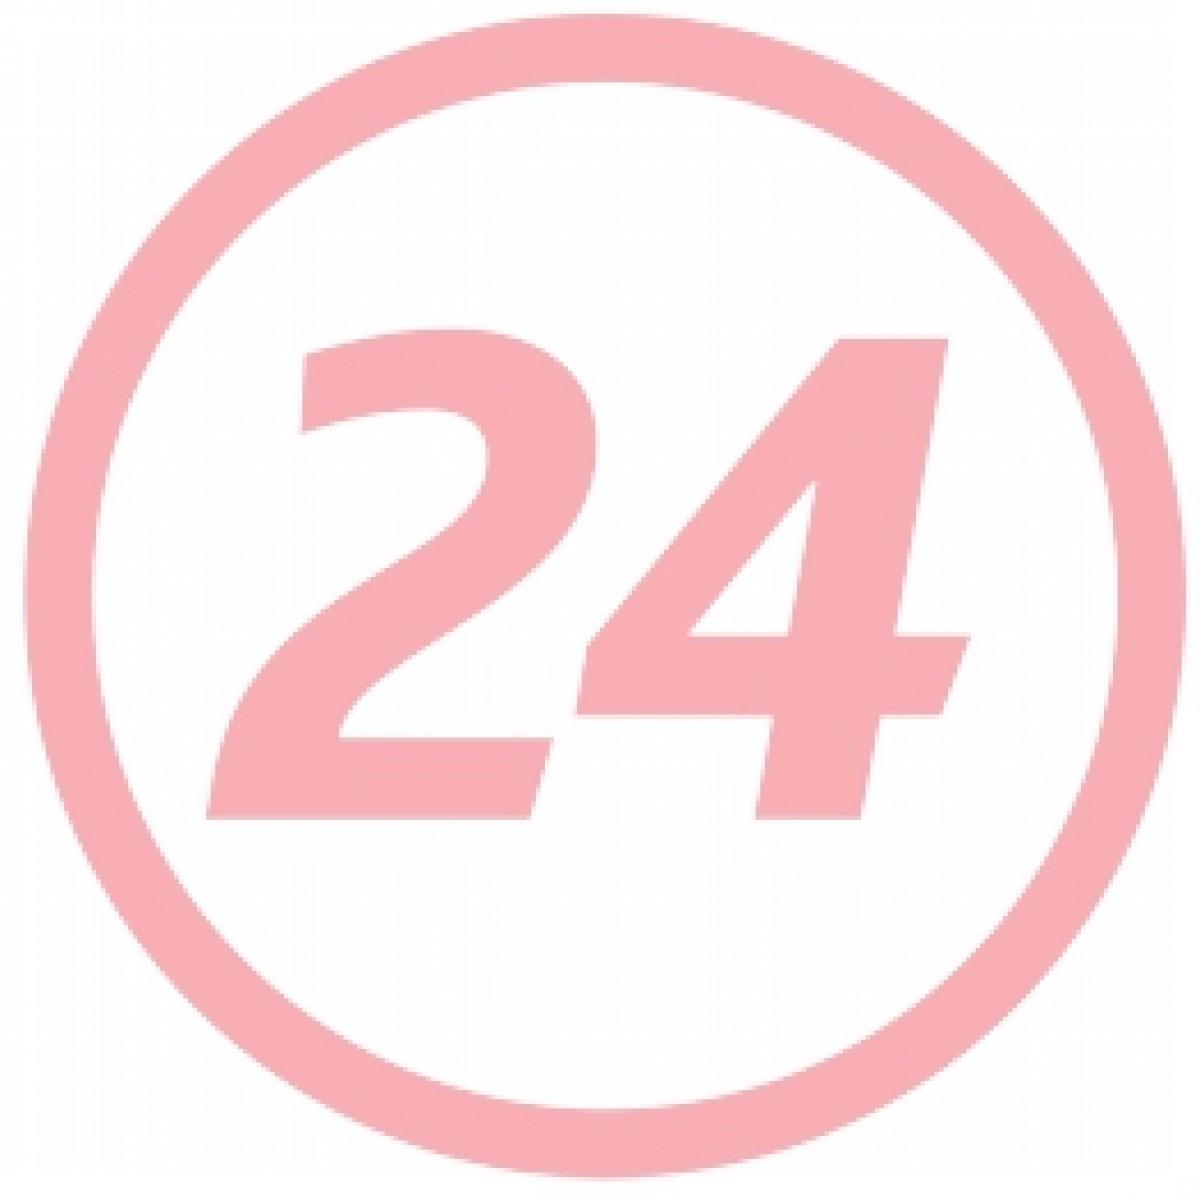 Dalin Scutece 5 Junior 11-25 Kg, Scutece, 38buc